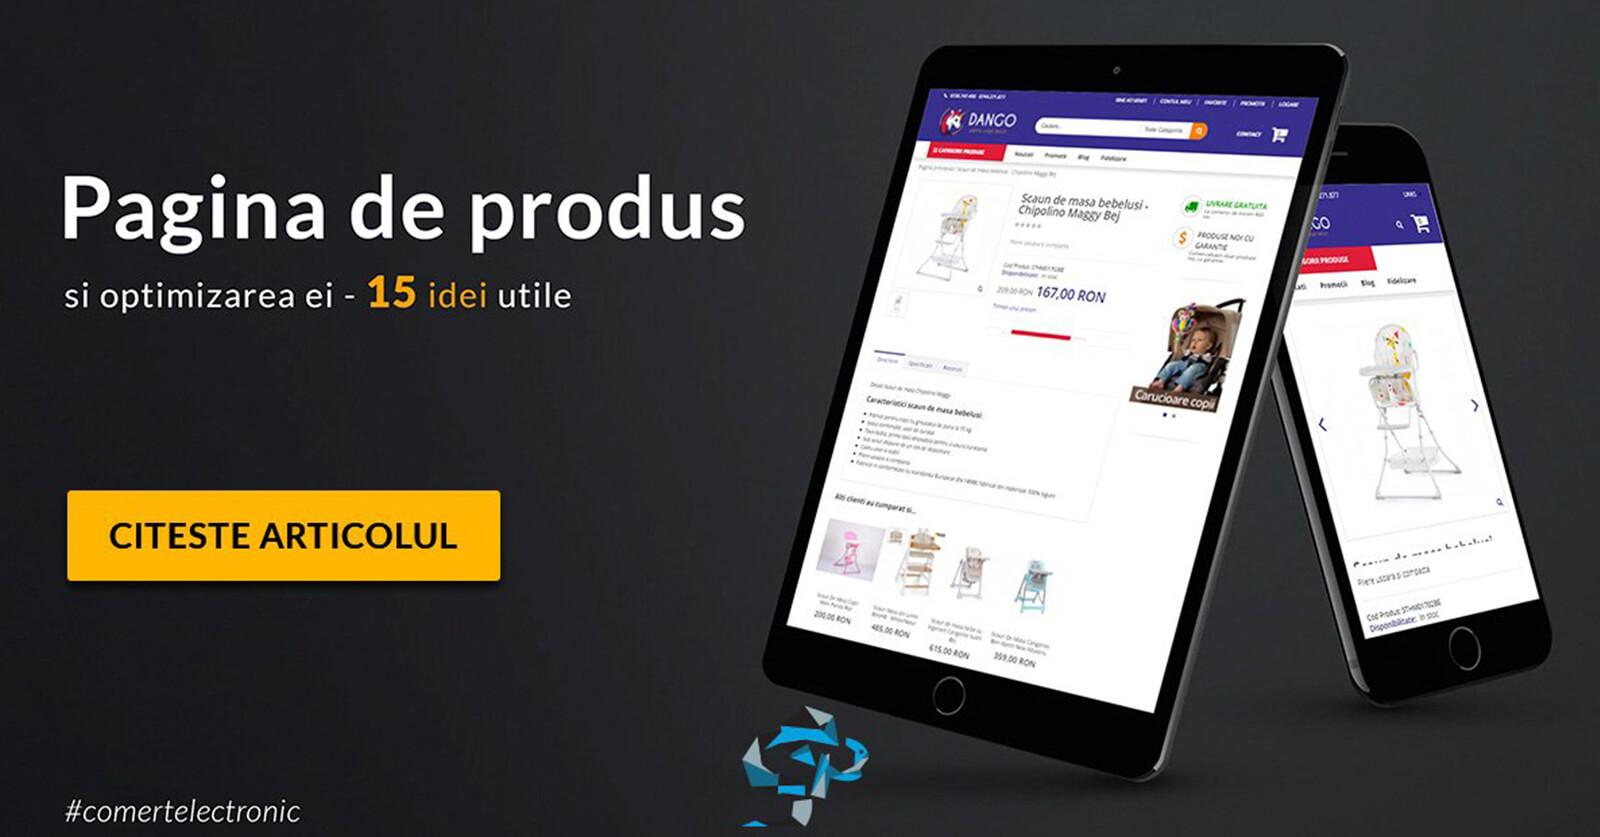 Pagina de produs si optimizarea ei in cadrul magazinului tau online